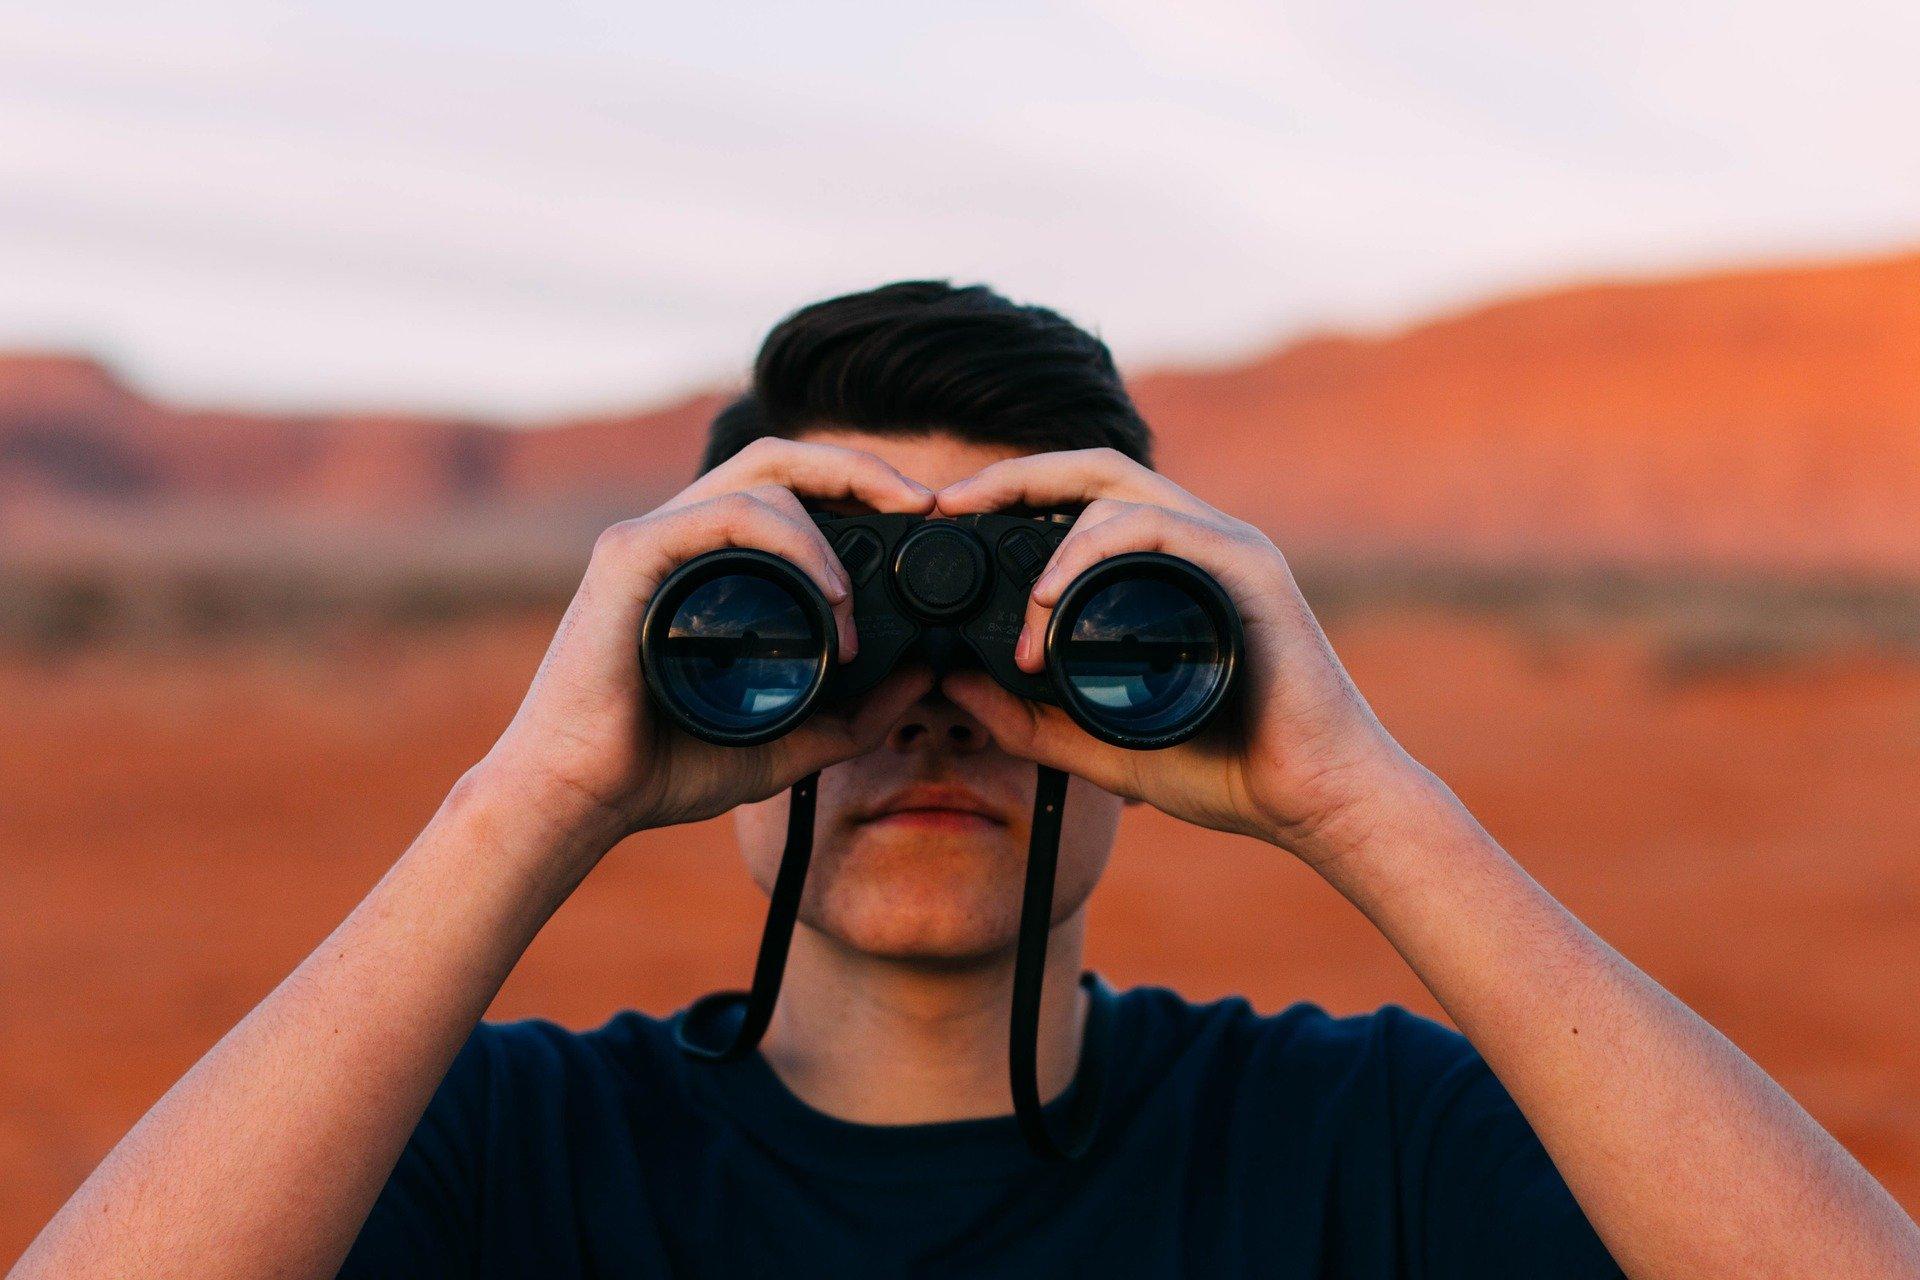 クラインアントの行動観察があなたの商品への道筋?